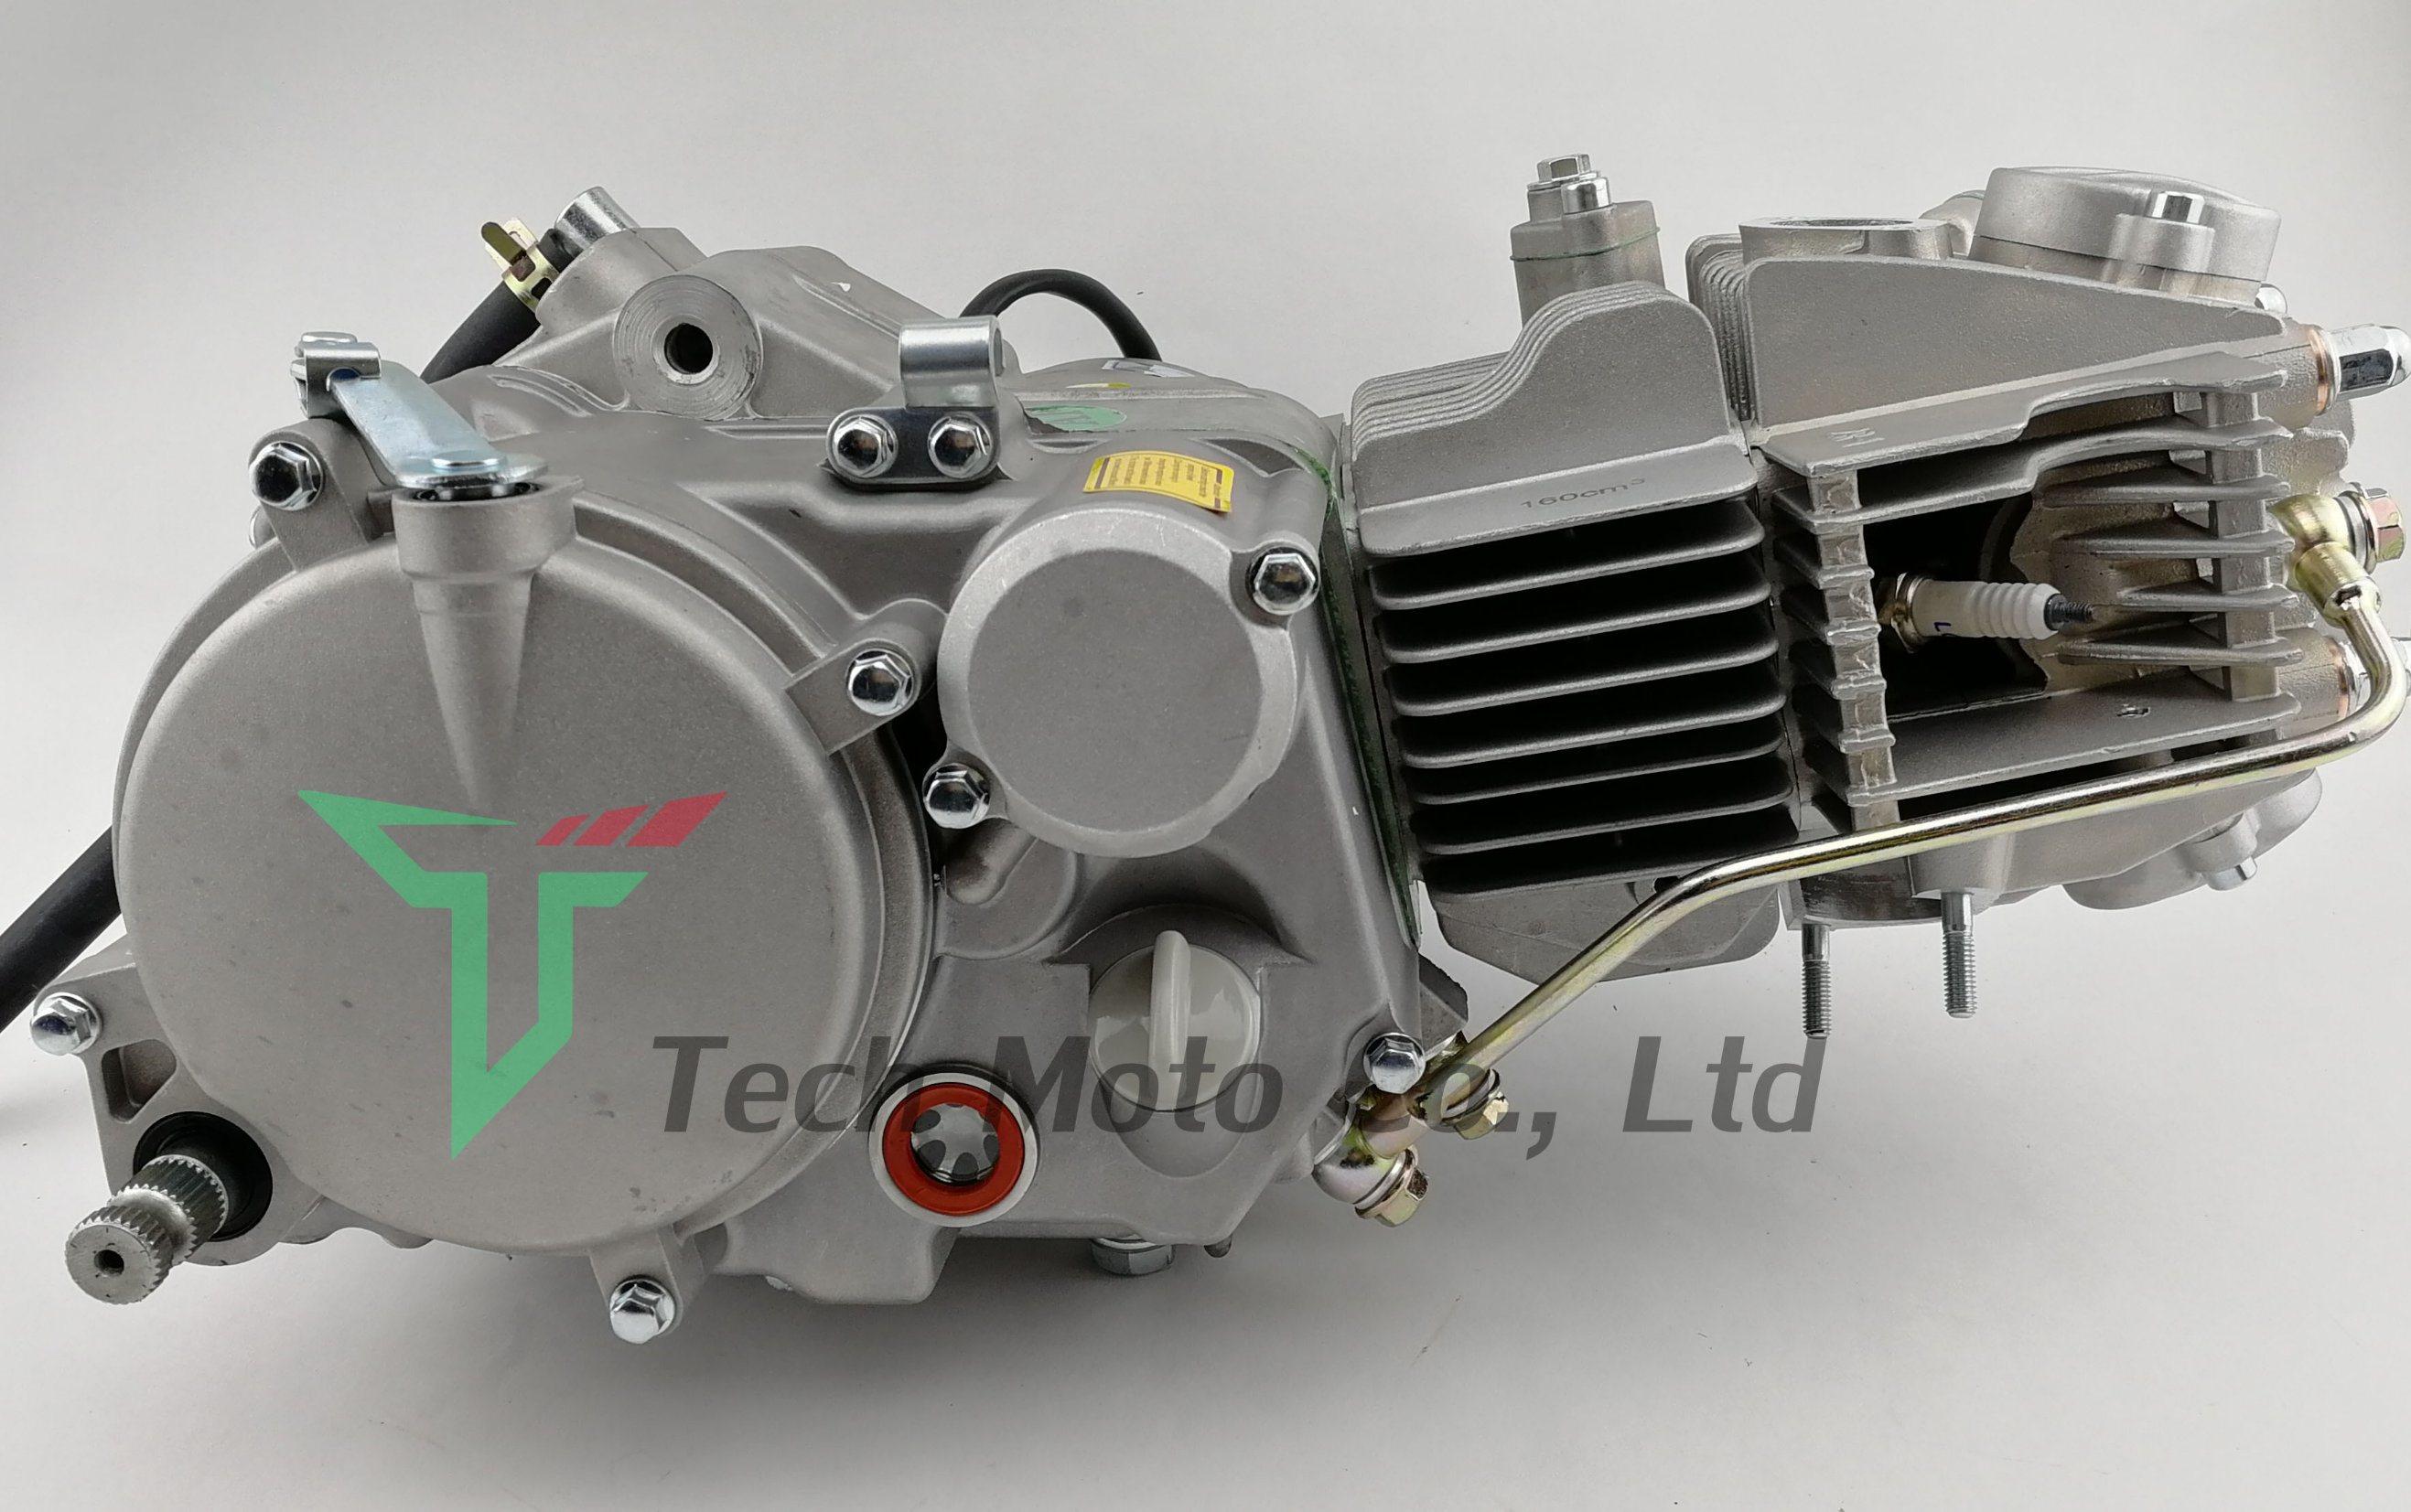 China Yingxiang Yx Z1 Dirt Bike 150cc 160 Cc 4 Stroke Engine